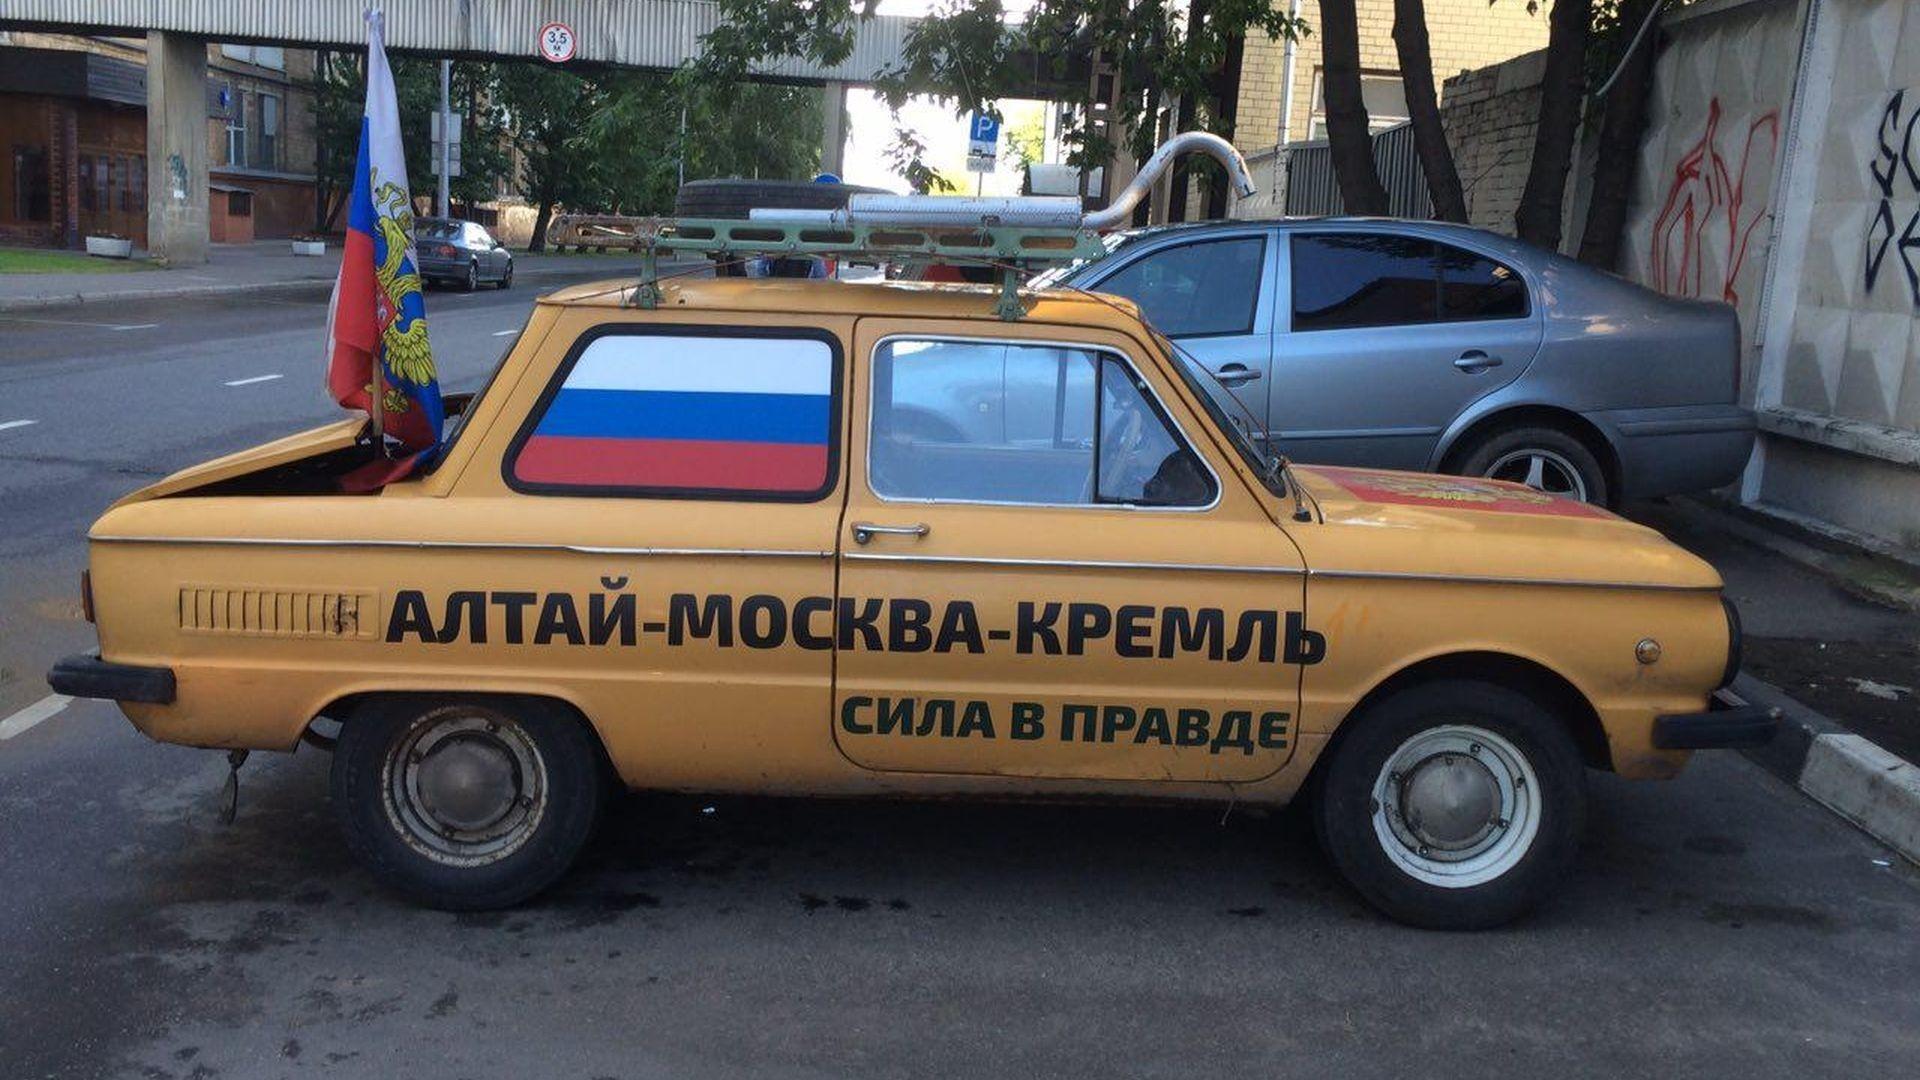 Фото желтого Запорожца в Москве с надписью 'Алтай-Москва-Кремль' и 'Сила в правде'